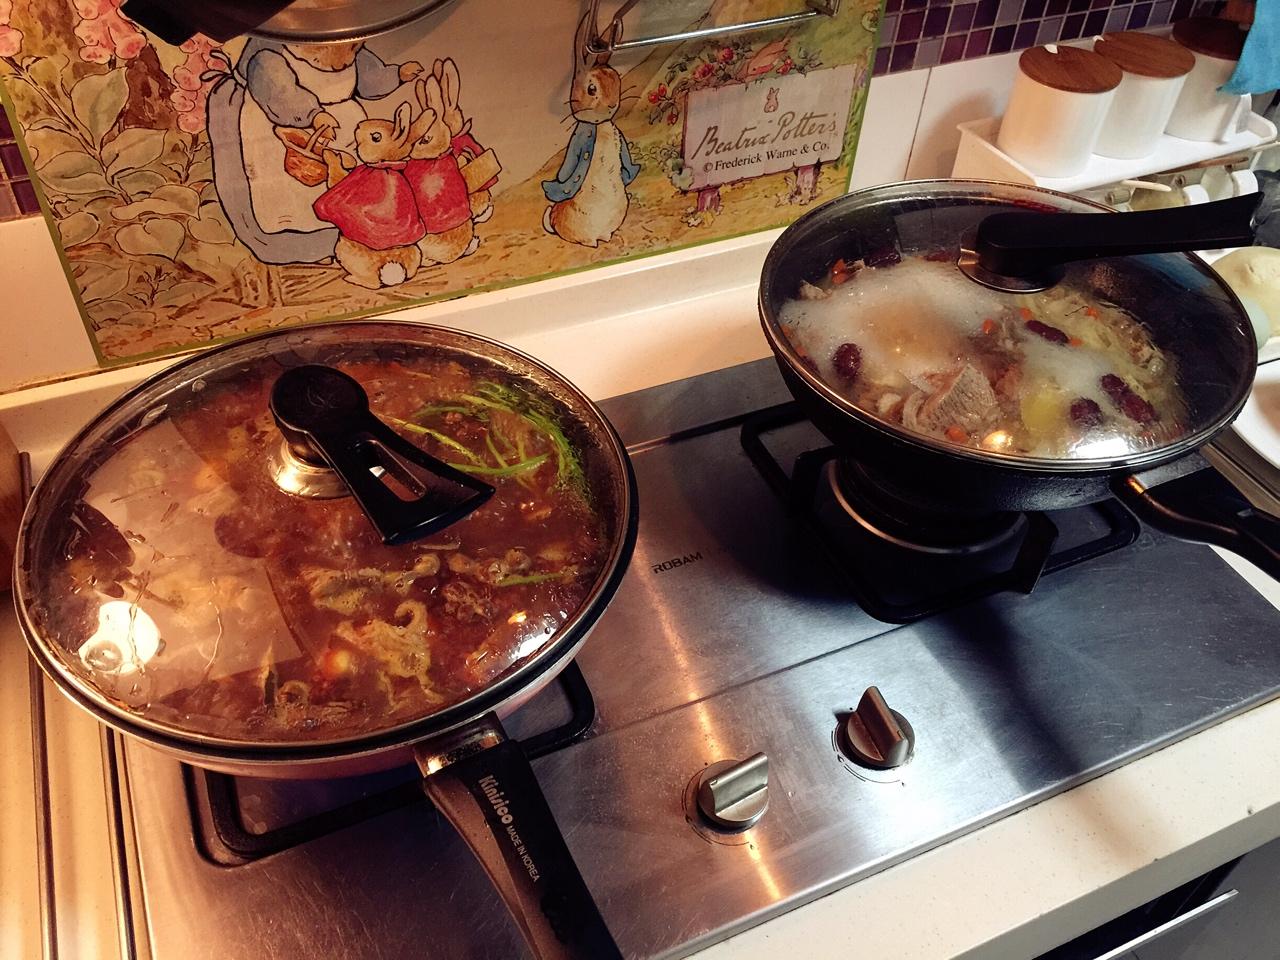 堂妈教你做红汤羊蝎子火锅的做法 步骤27